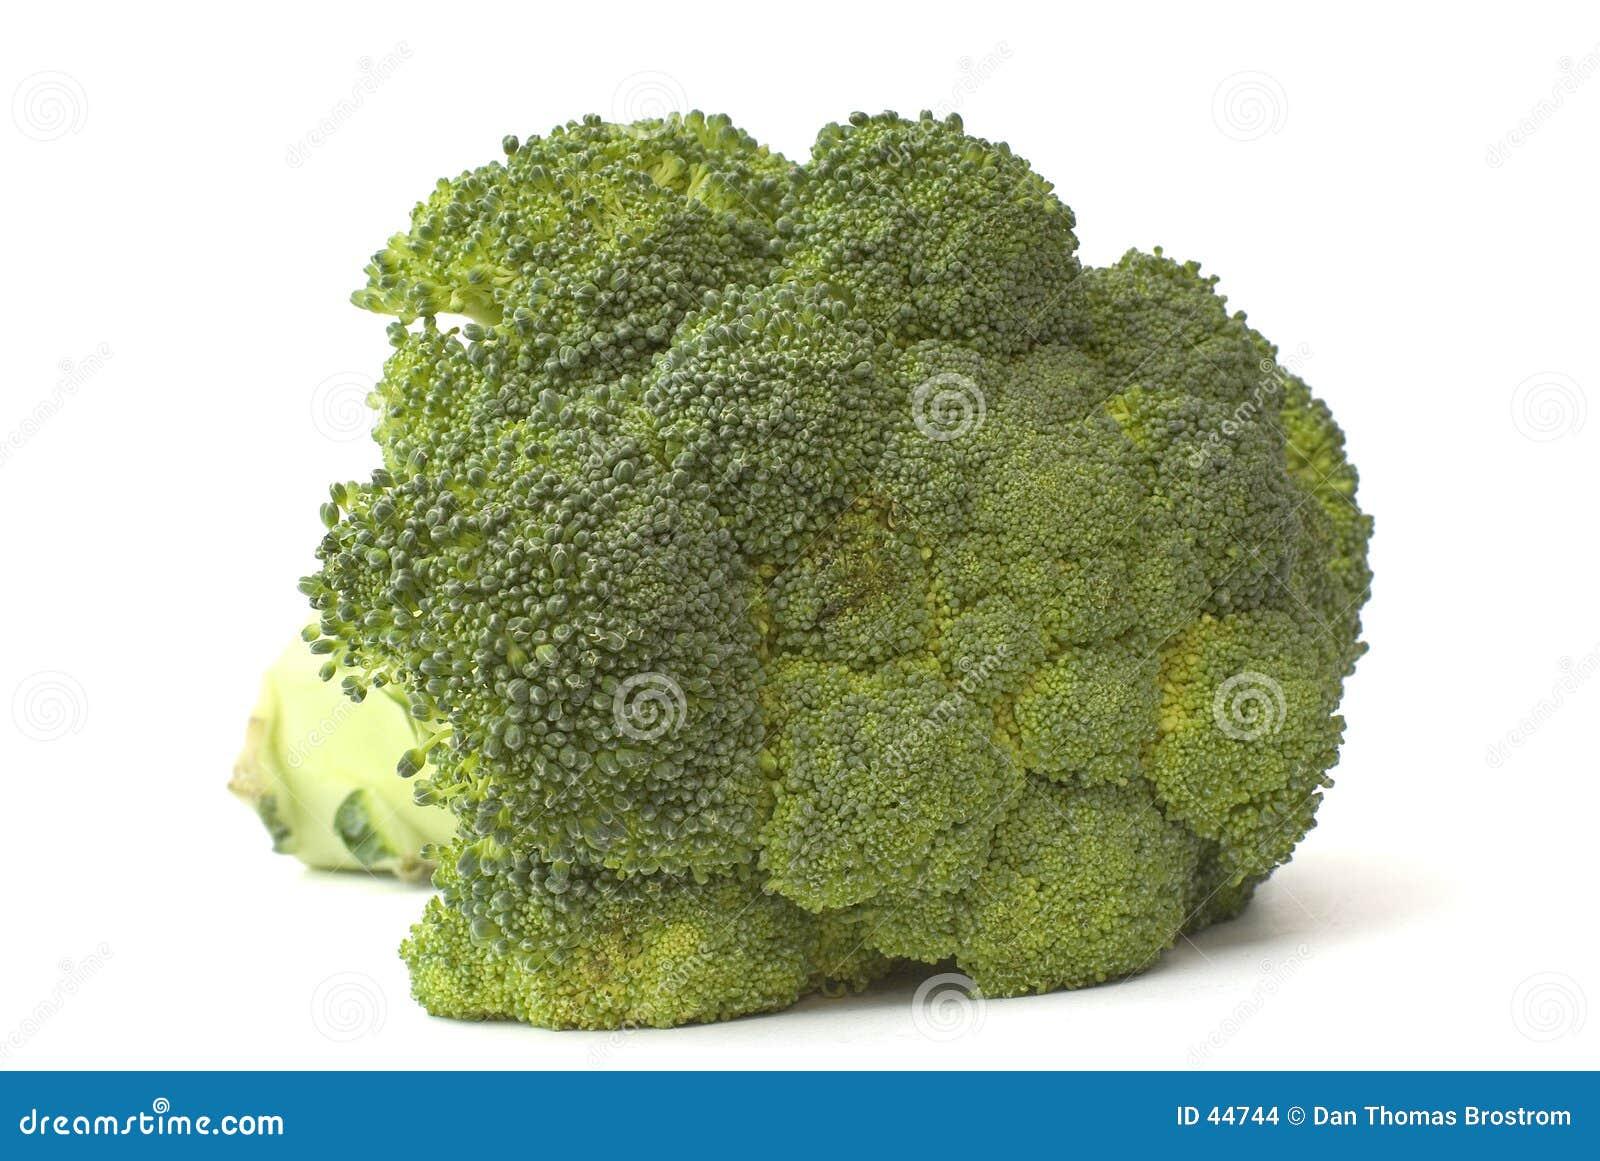 Download Broccoli stock foto. Afbeelding bestaande uit landbouw, geïsoleerd - 44744